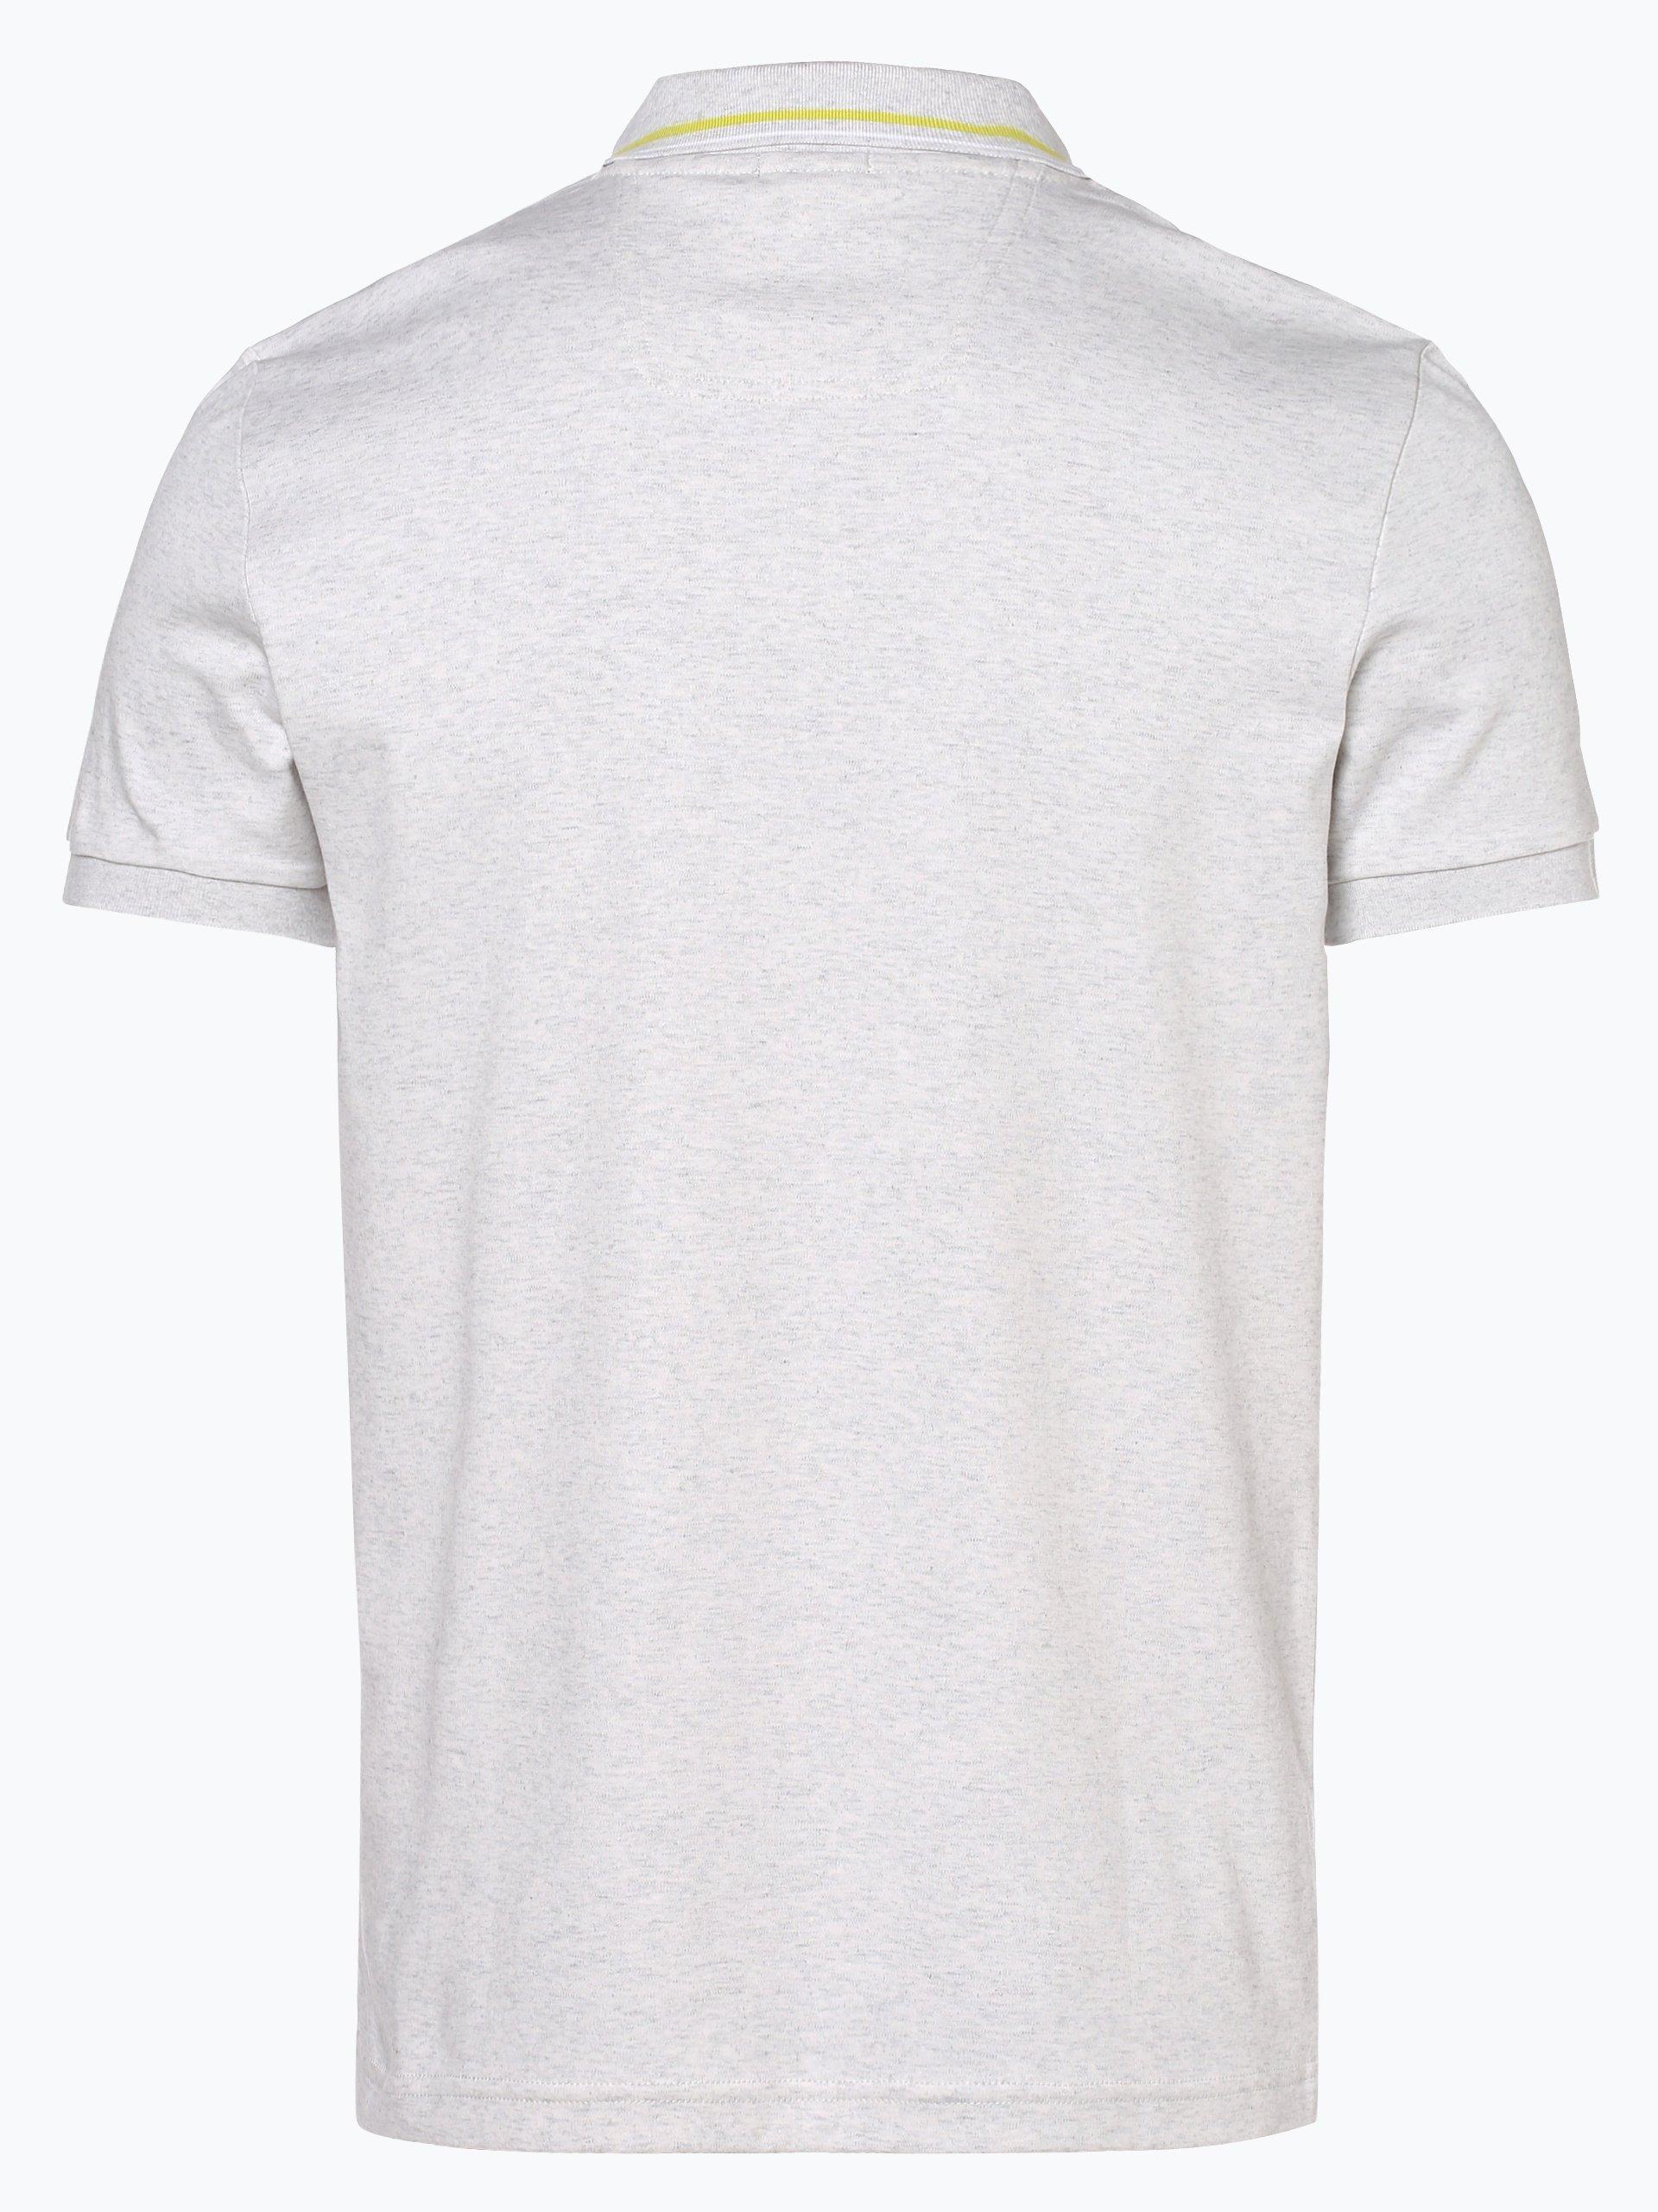 BOSS Athleisure Herren Poloshirt - Paule 1